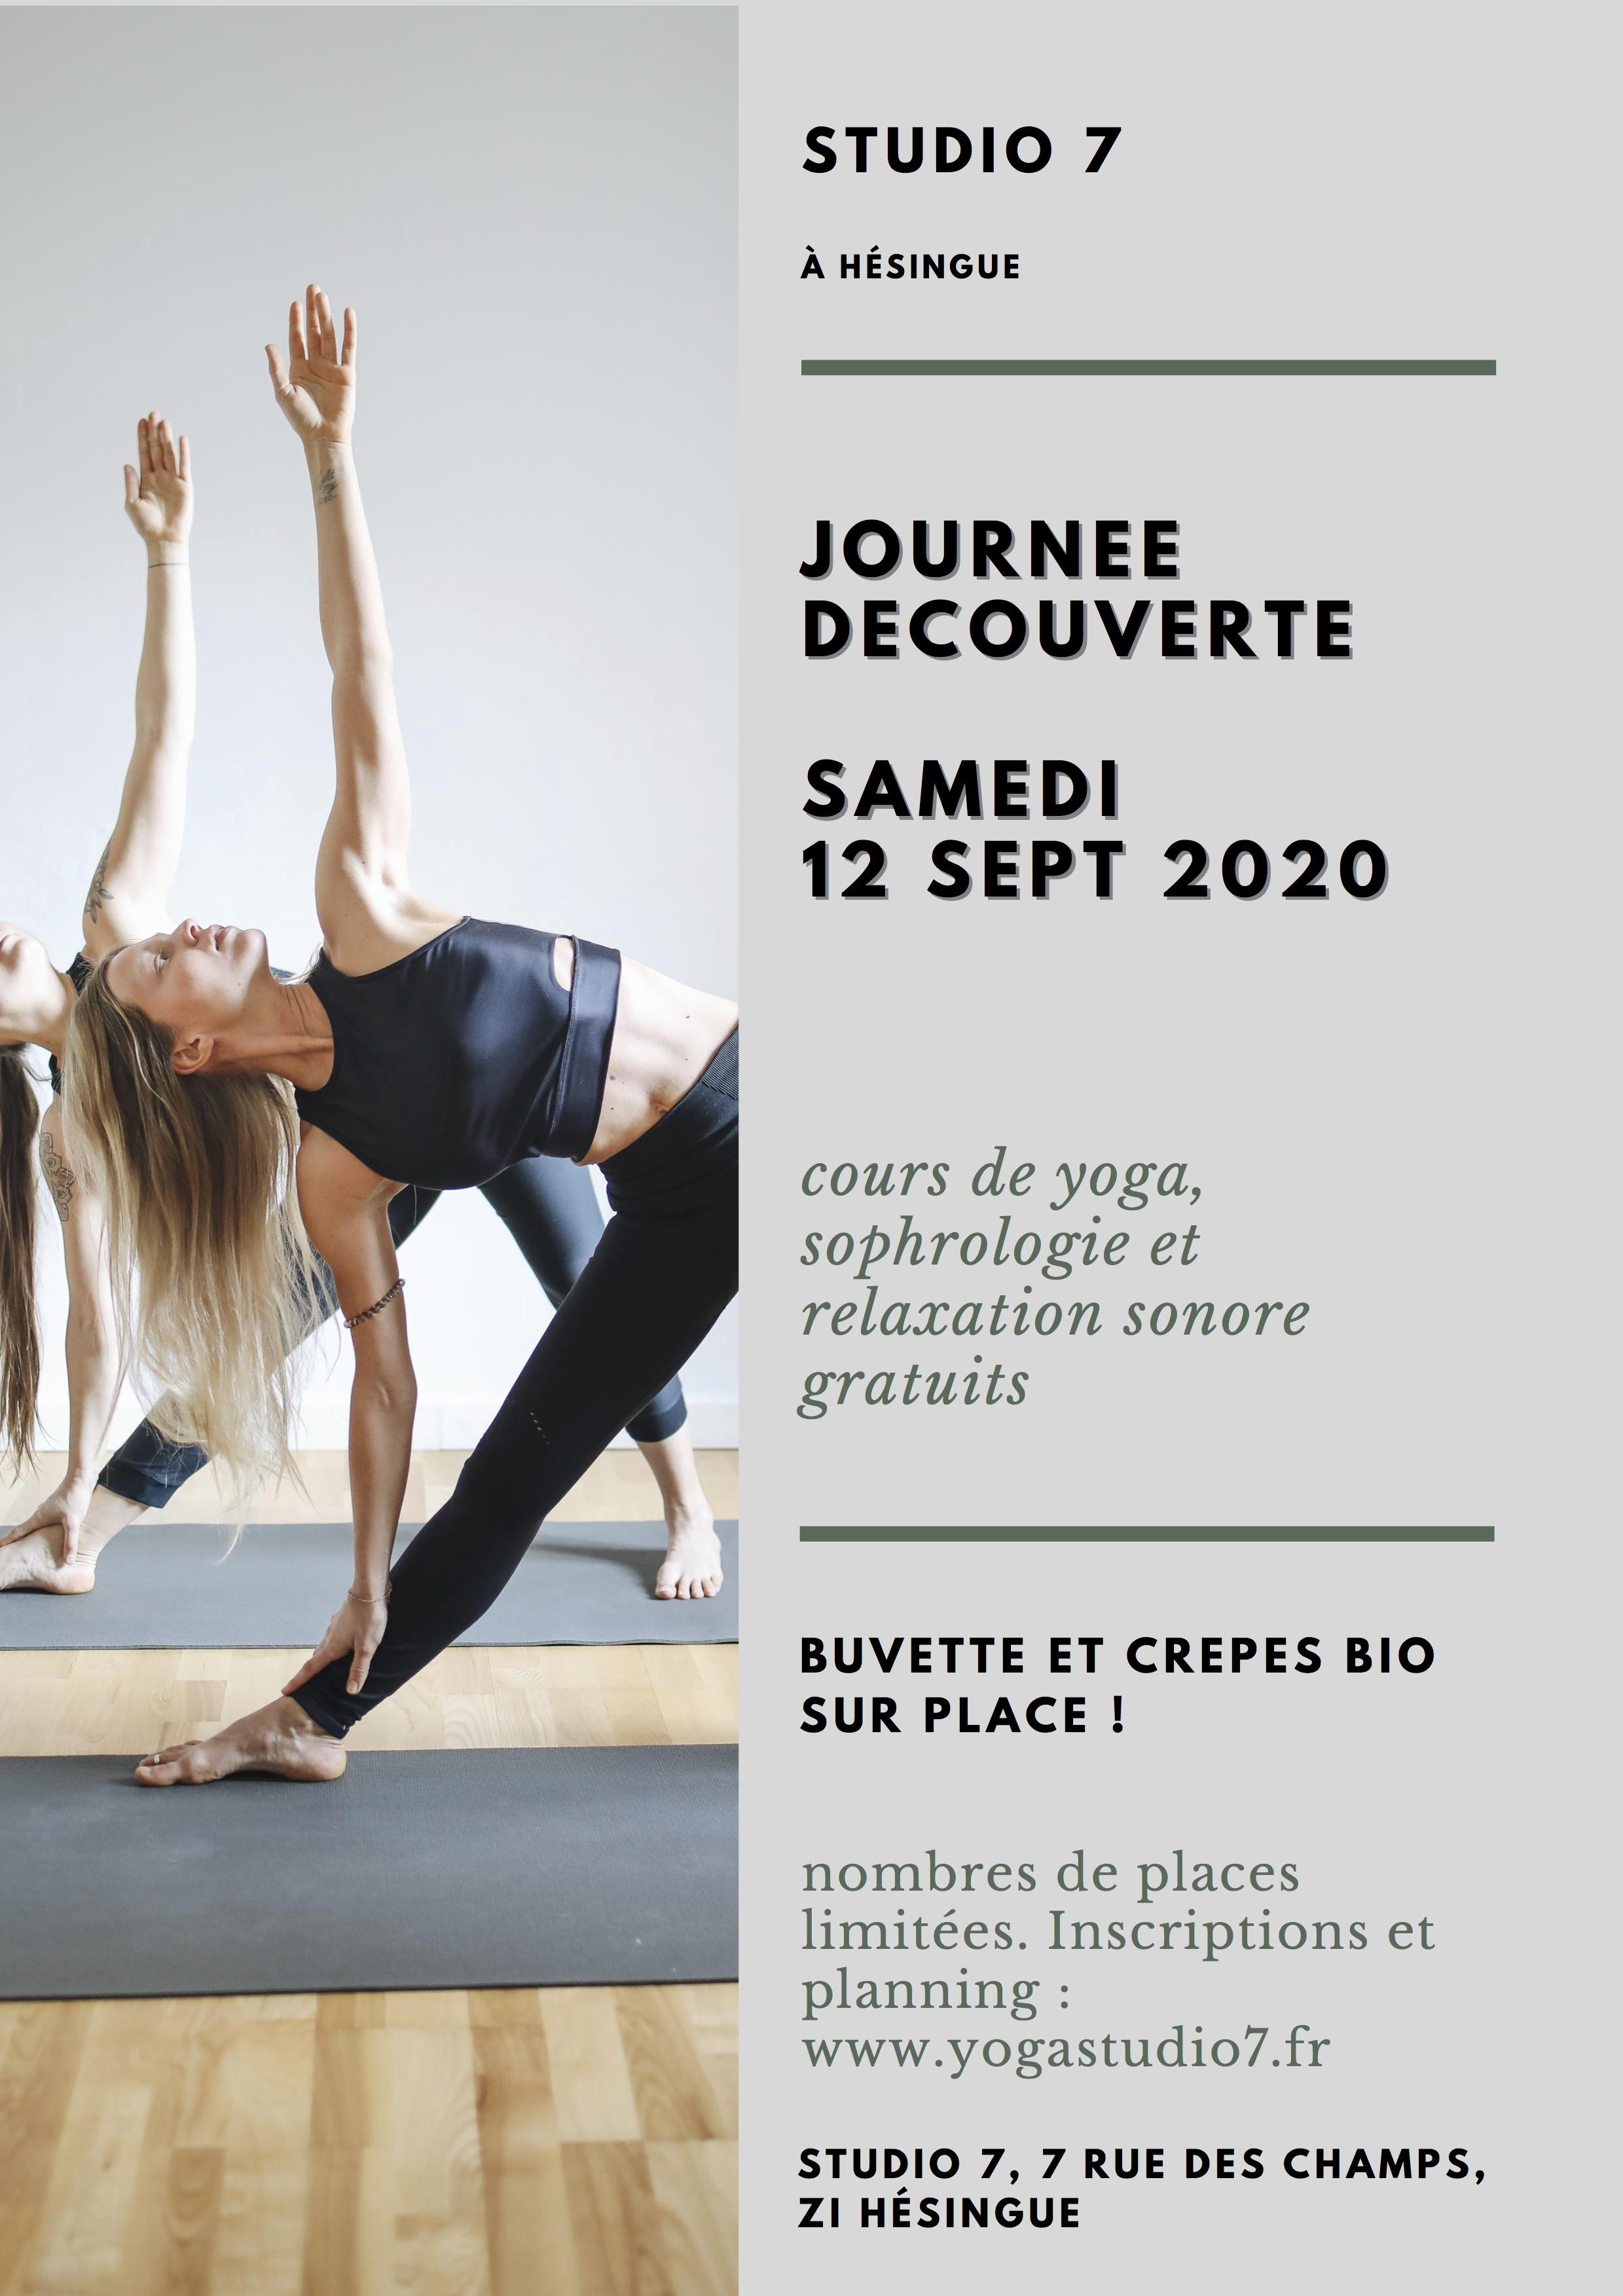 JourneeDécouverte2020